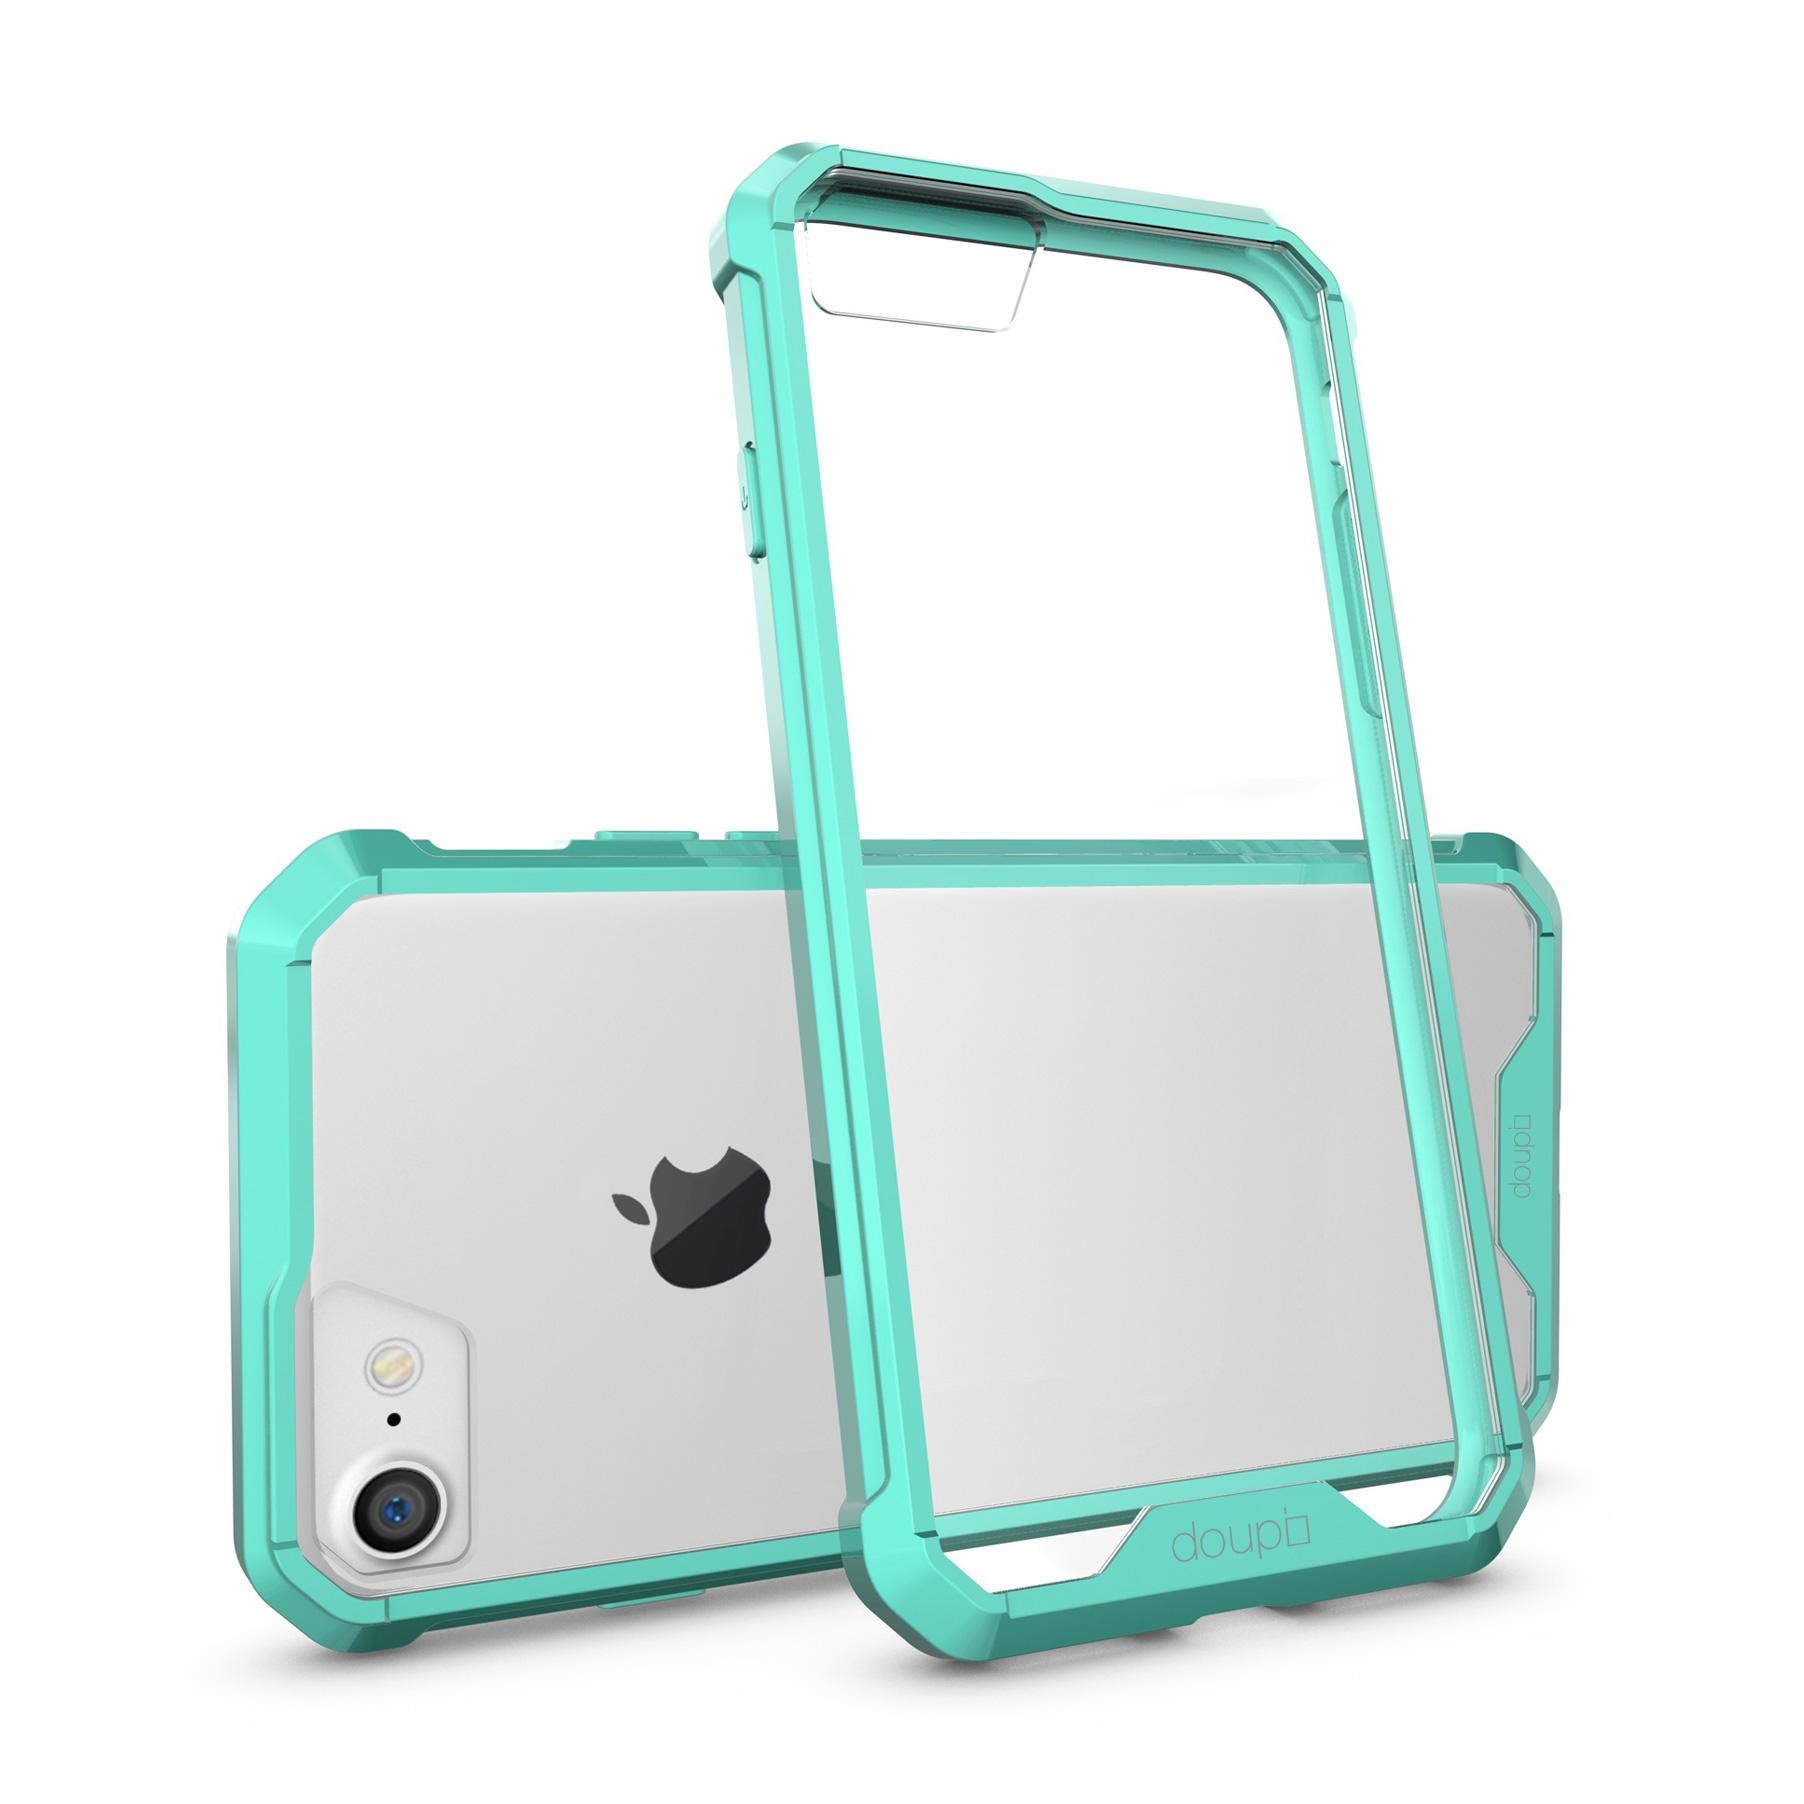 AirClear-Case-iPhone-8-7-4-7-034-Rueckschale-Bumper-Rahmen-Schutz-Huelle-Folie Indexbild 10